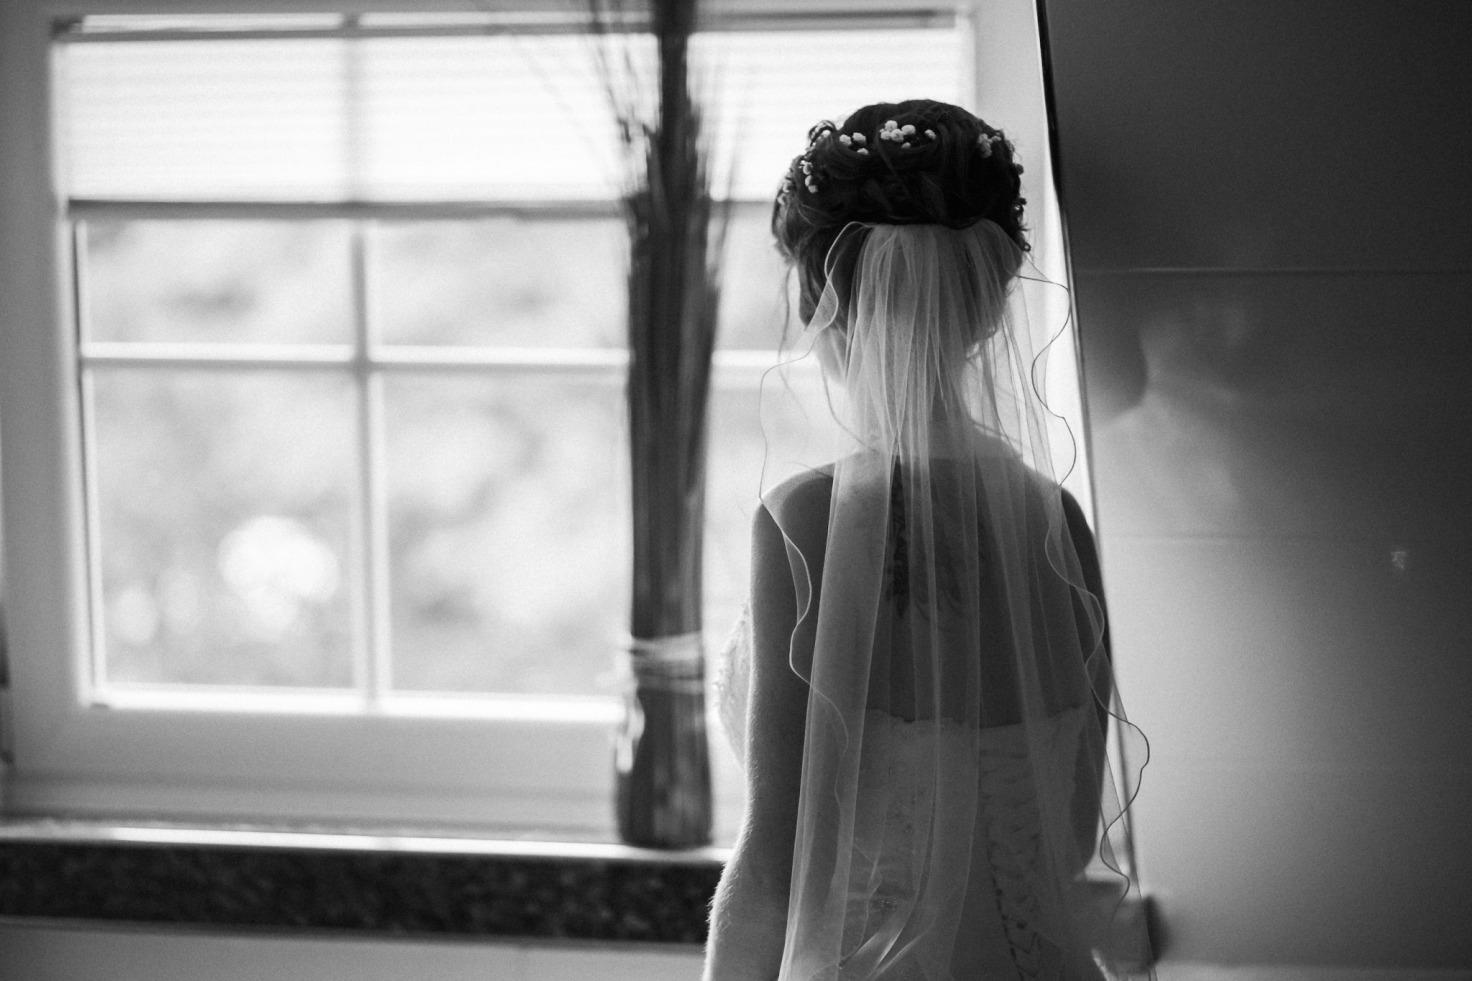 Hochzeit von Tine und Basti in Münster: Braut schaut aus dem Fenster